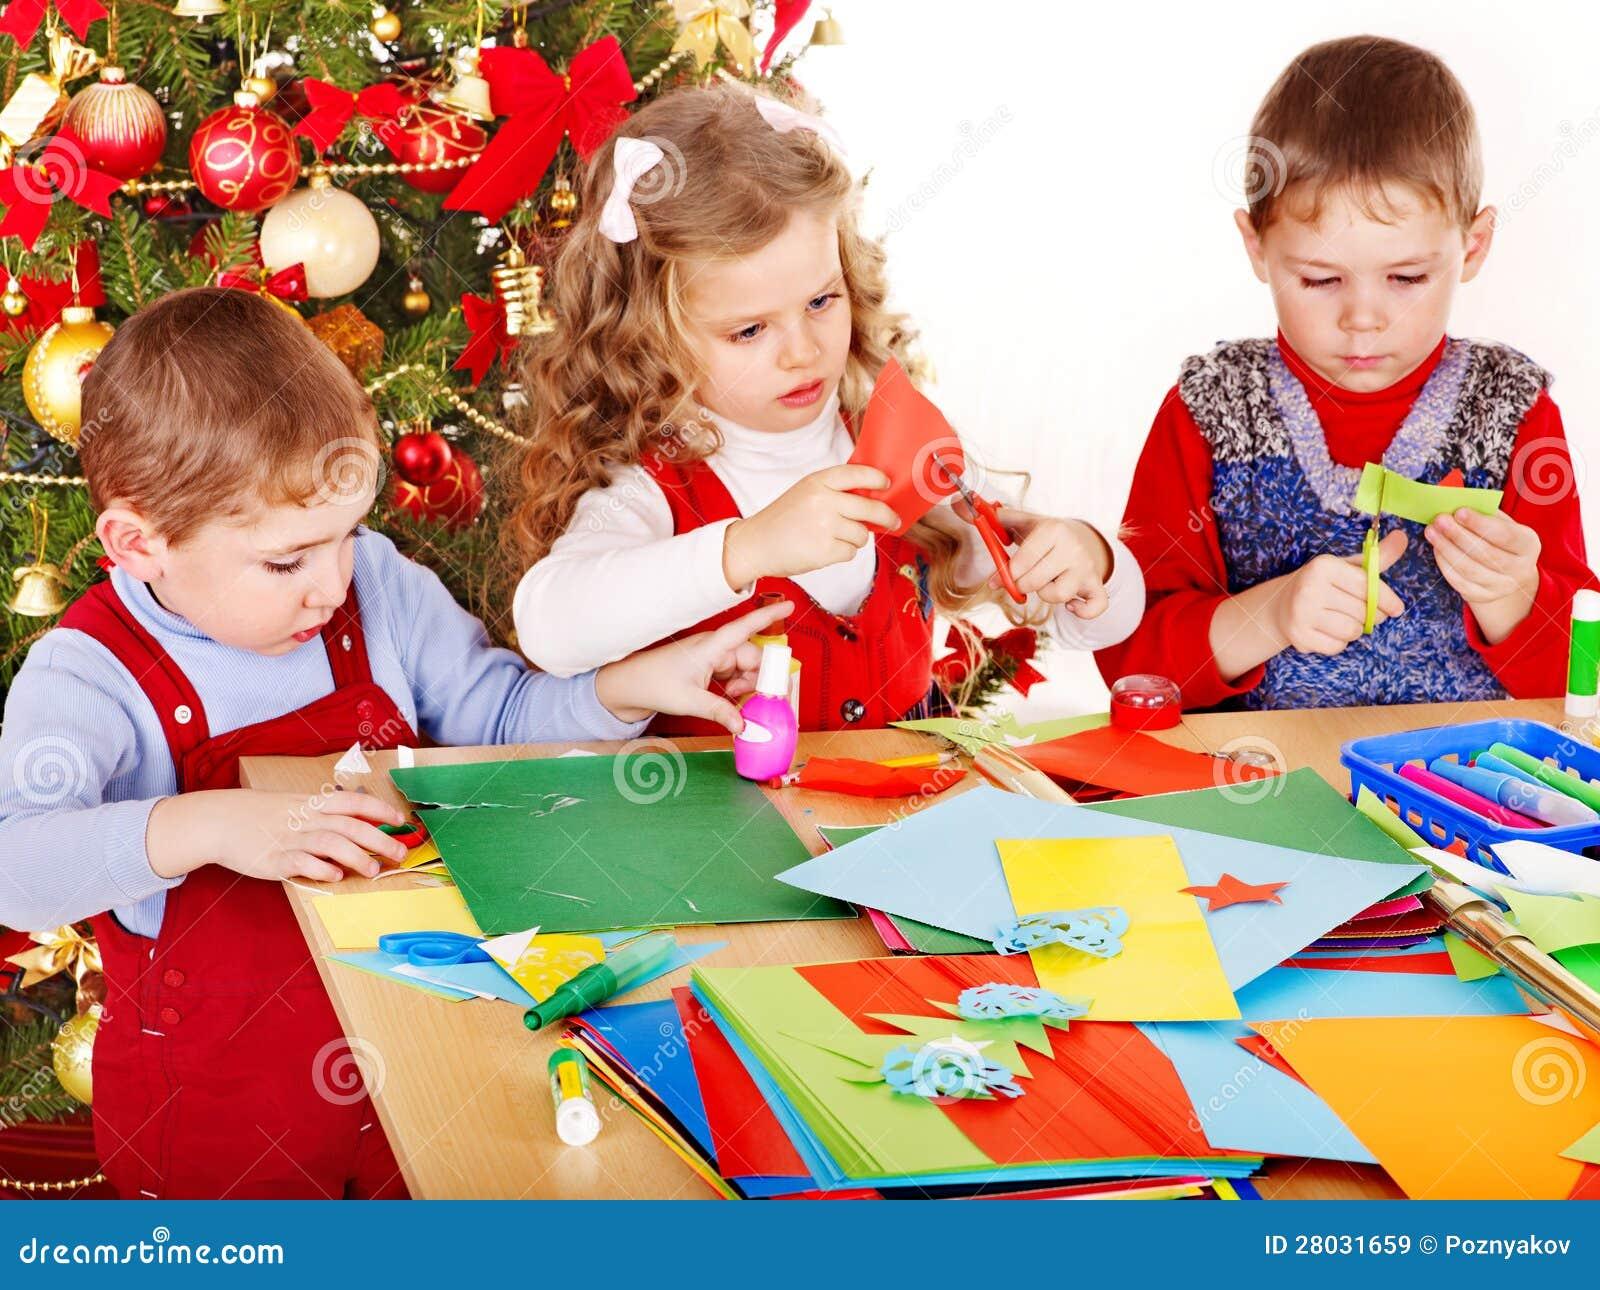 Kinderen die decoratie maken voor kerstmis royalty vrije stock afbeeldingen beeld 28031659 - Decoratie eenvoudig voor het leven ...